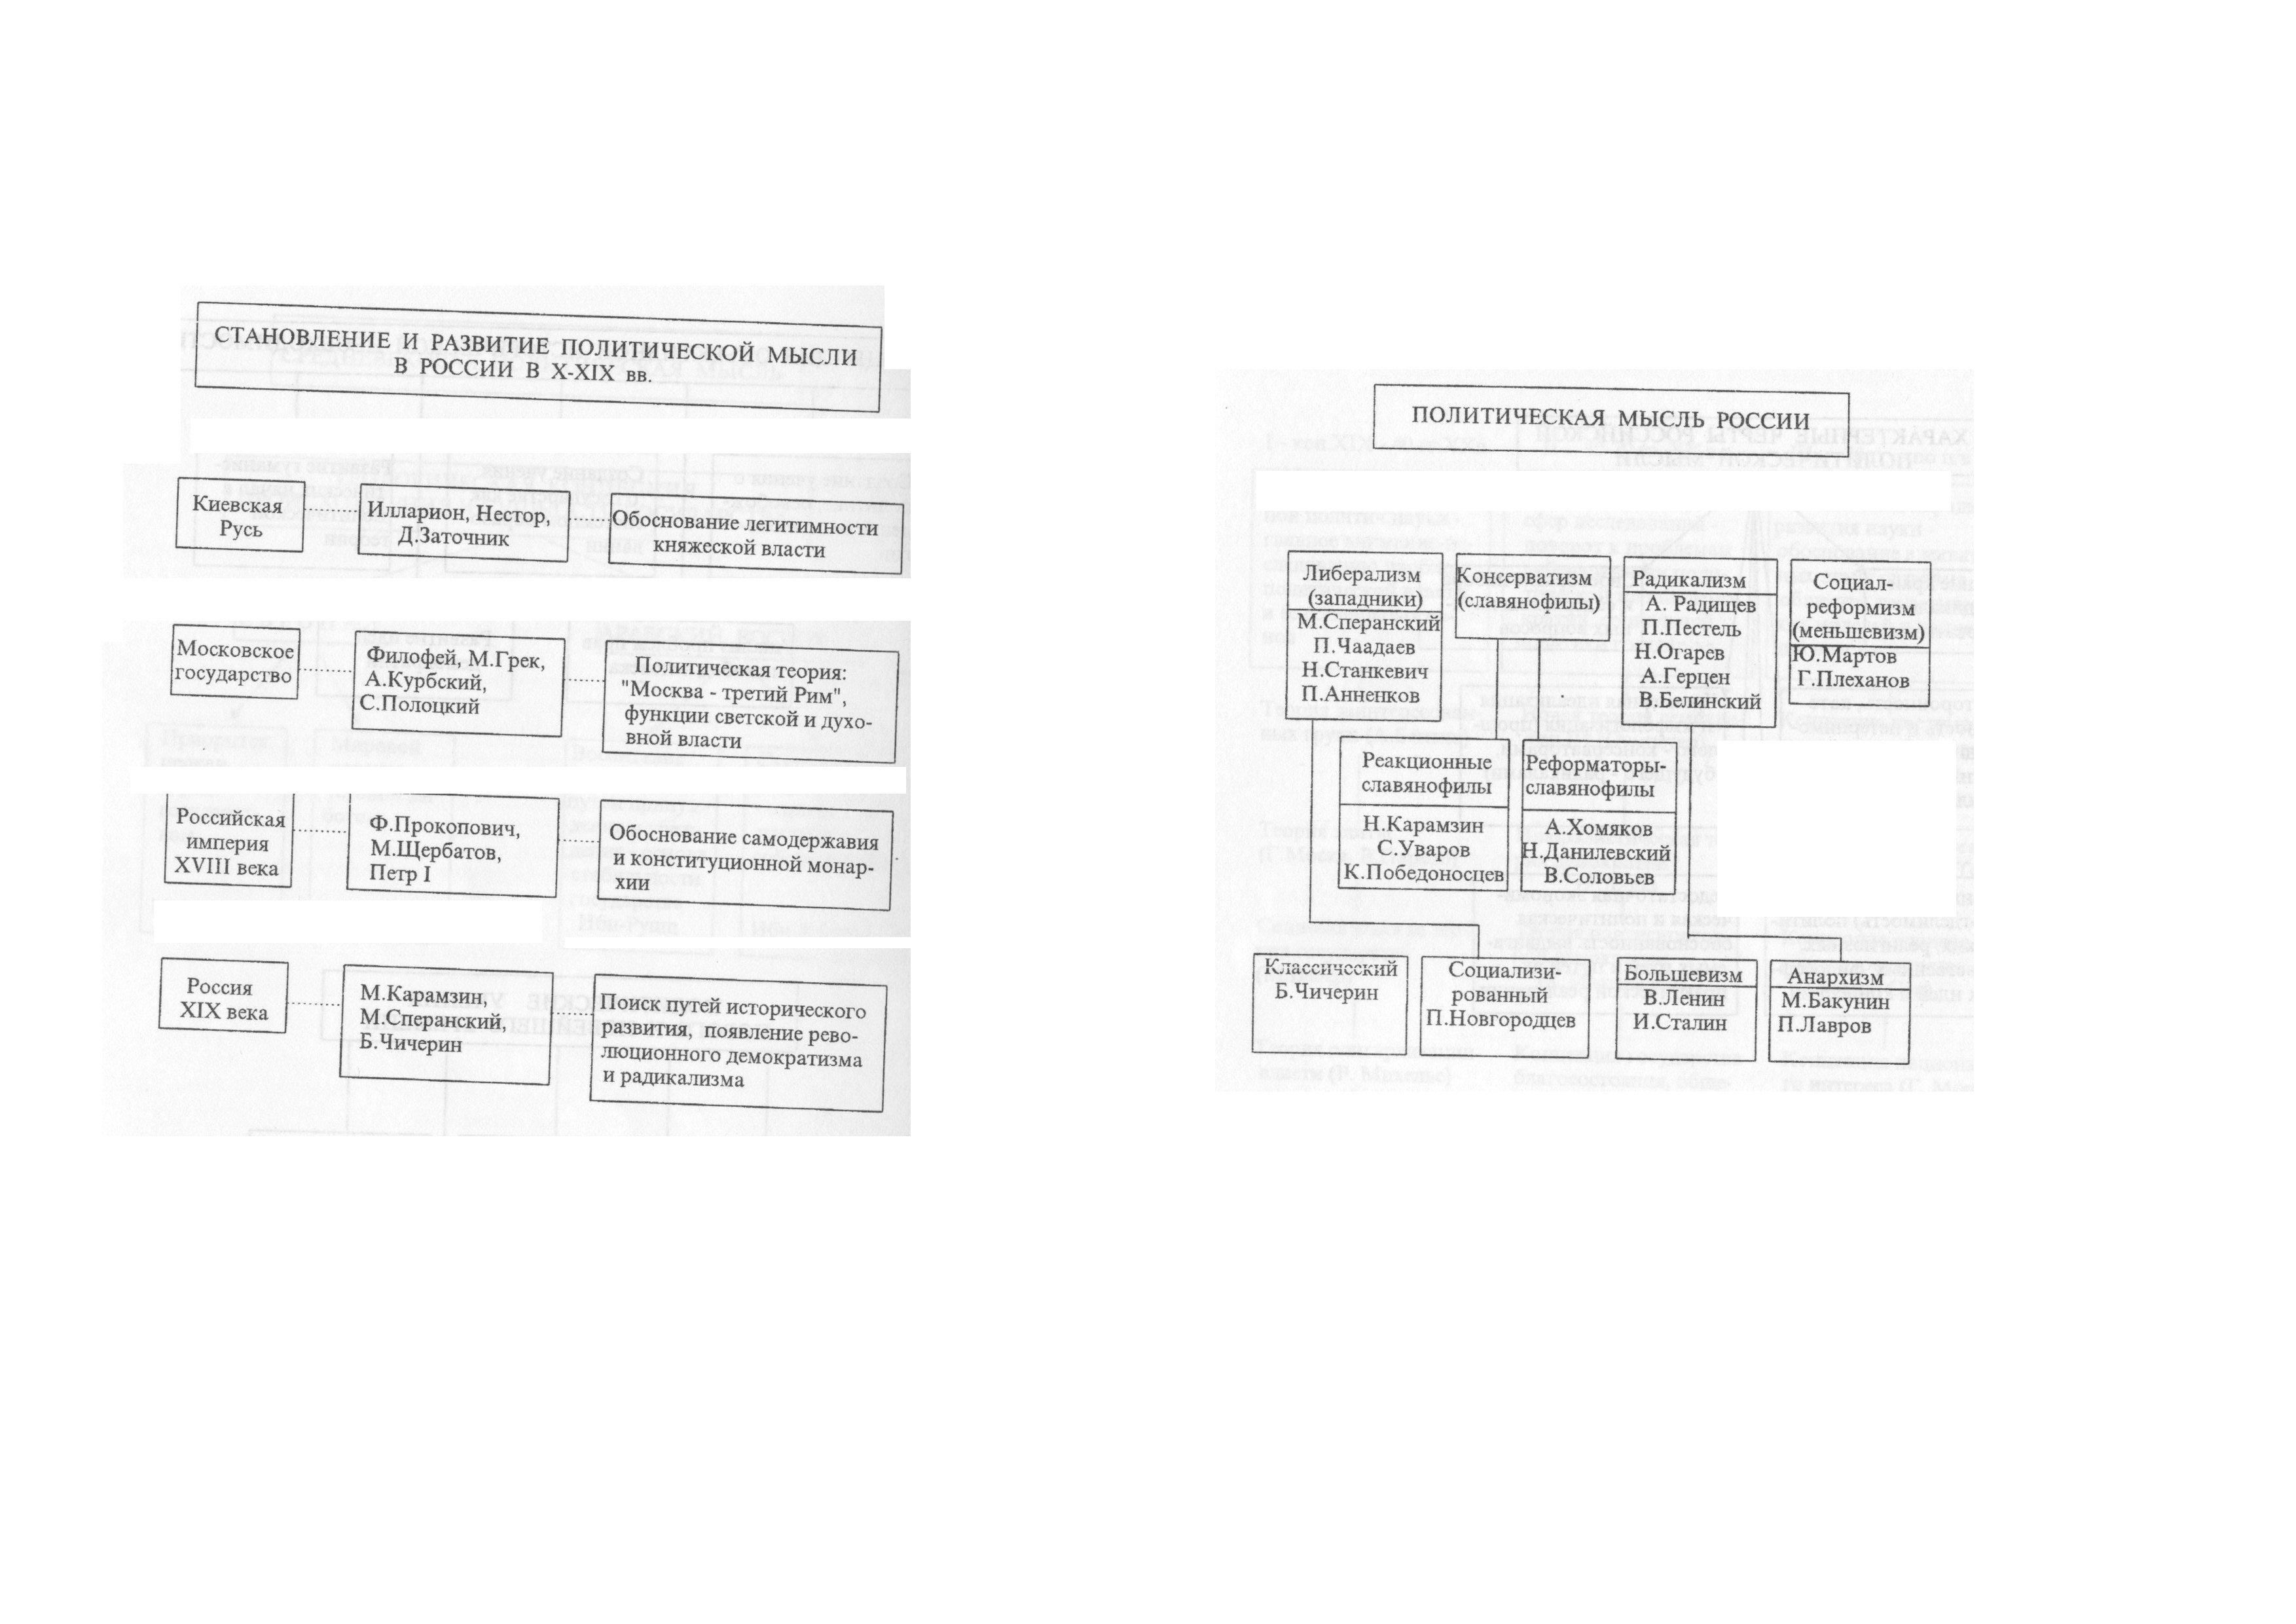 Таблица - Становление и развитие политической мысли в России в 10-19 в. Политическая мысль России